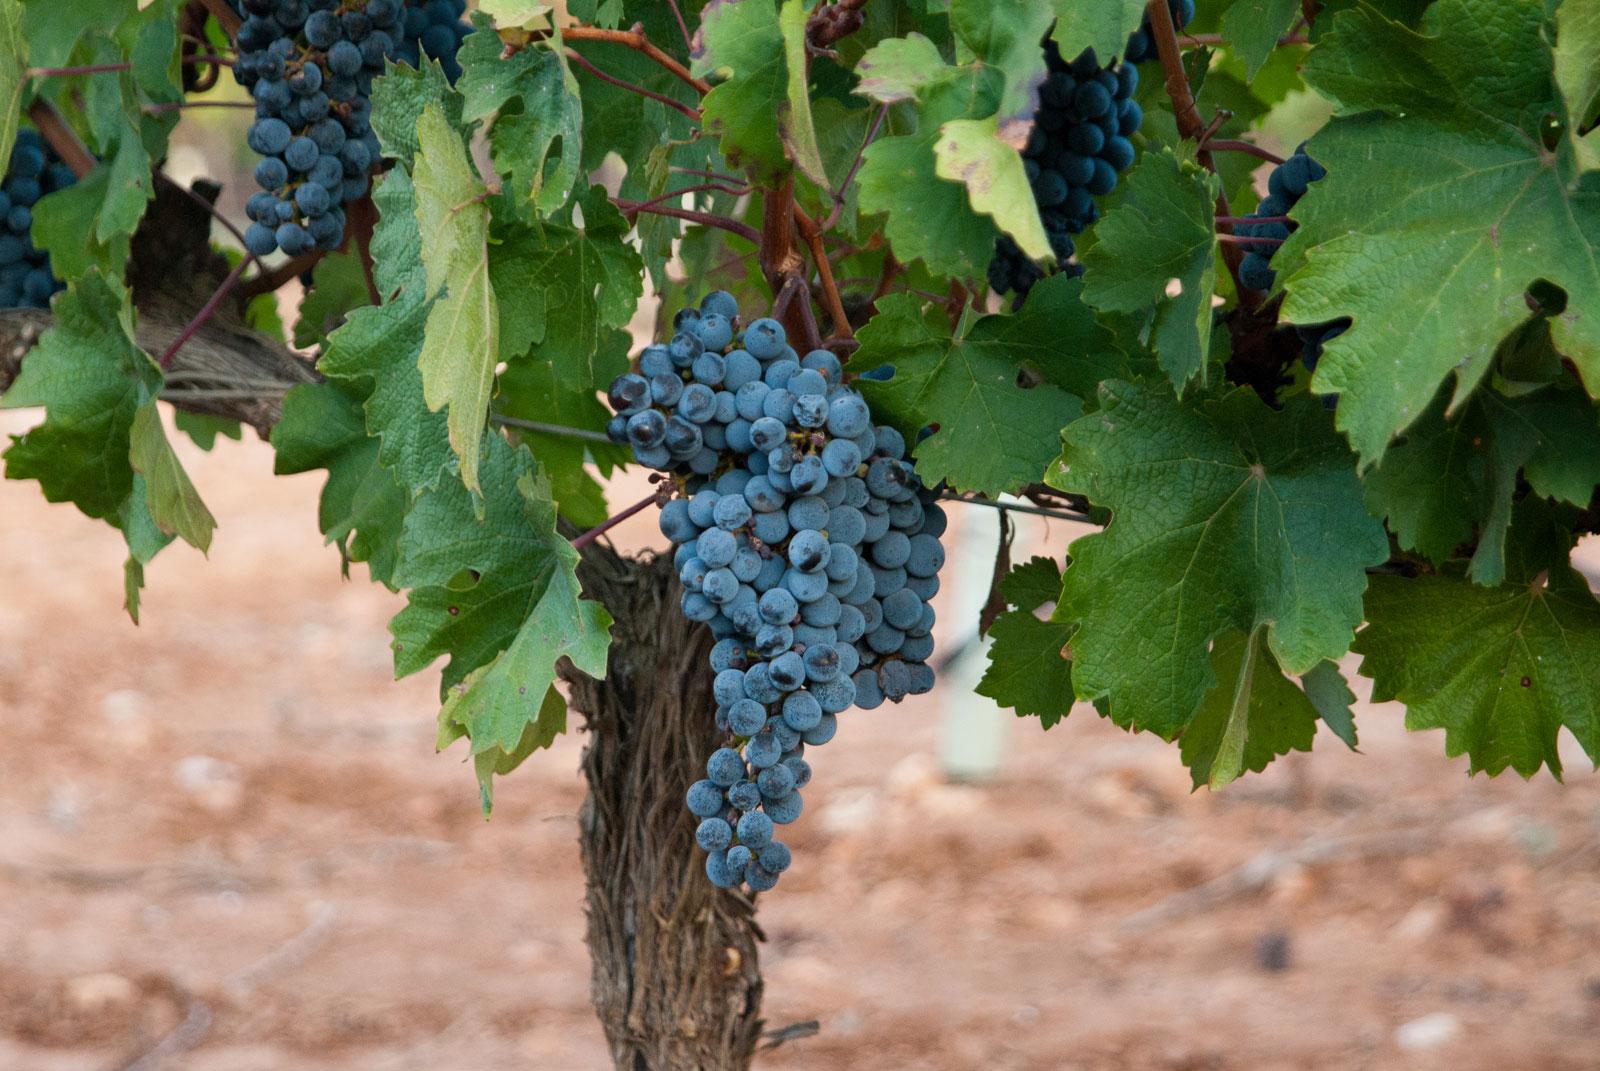 Un racimo de uva enfocado y de fondo otros racimos y el suelo sin enfoque.